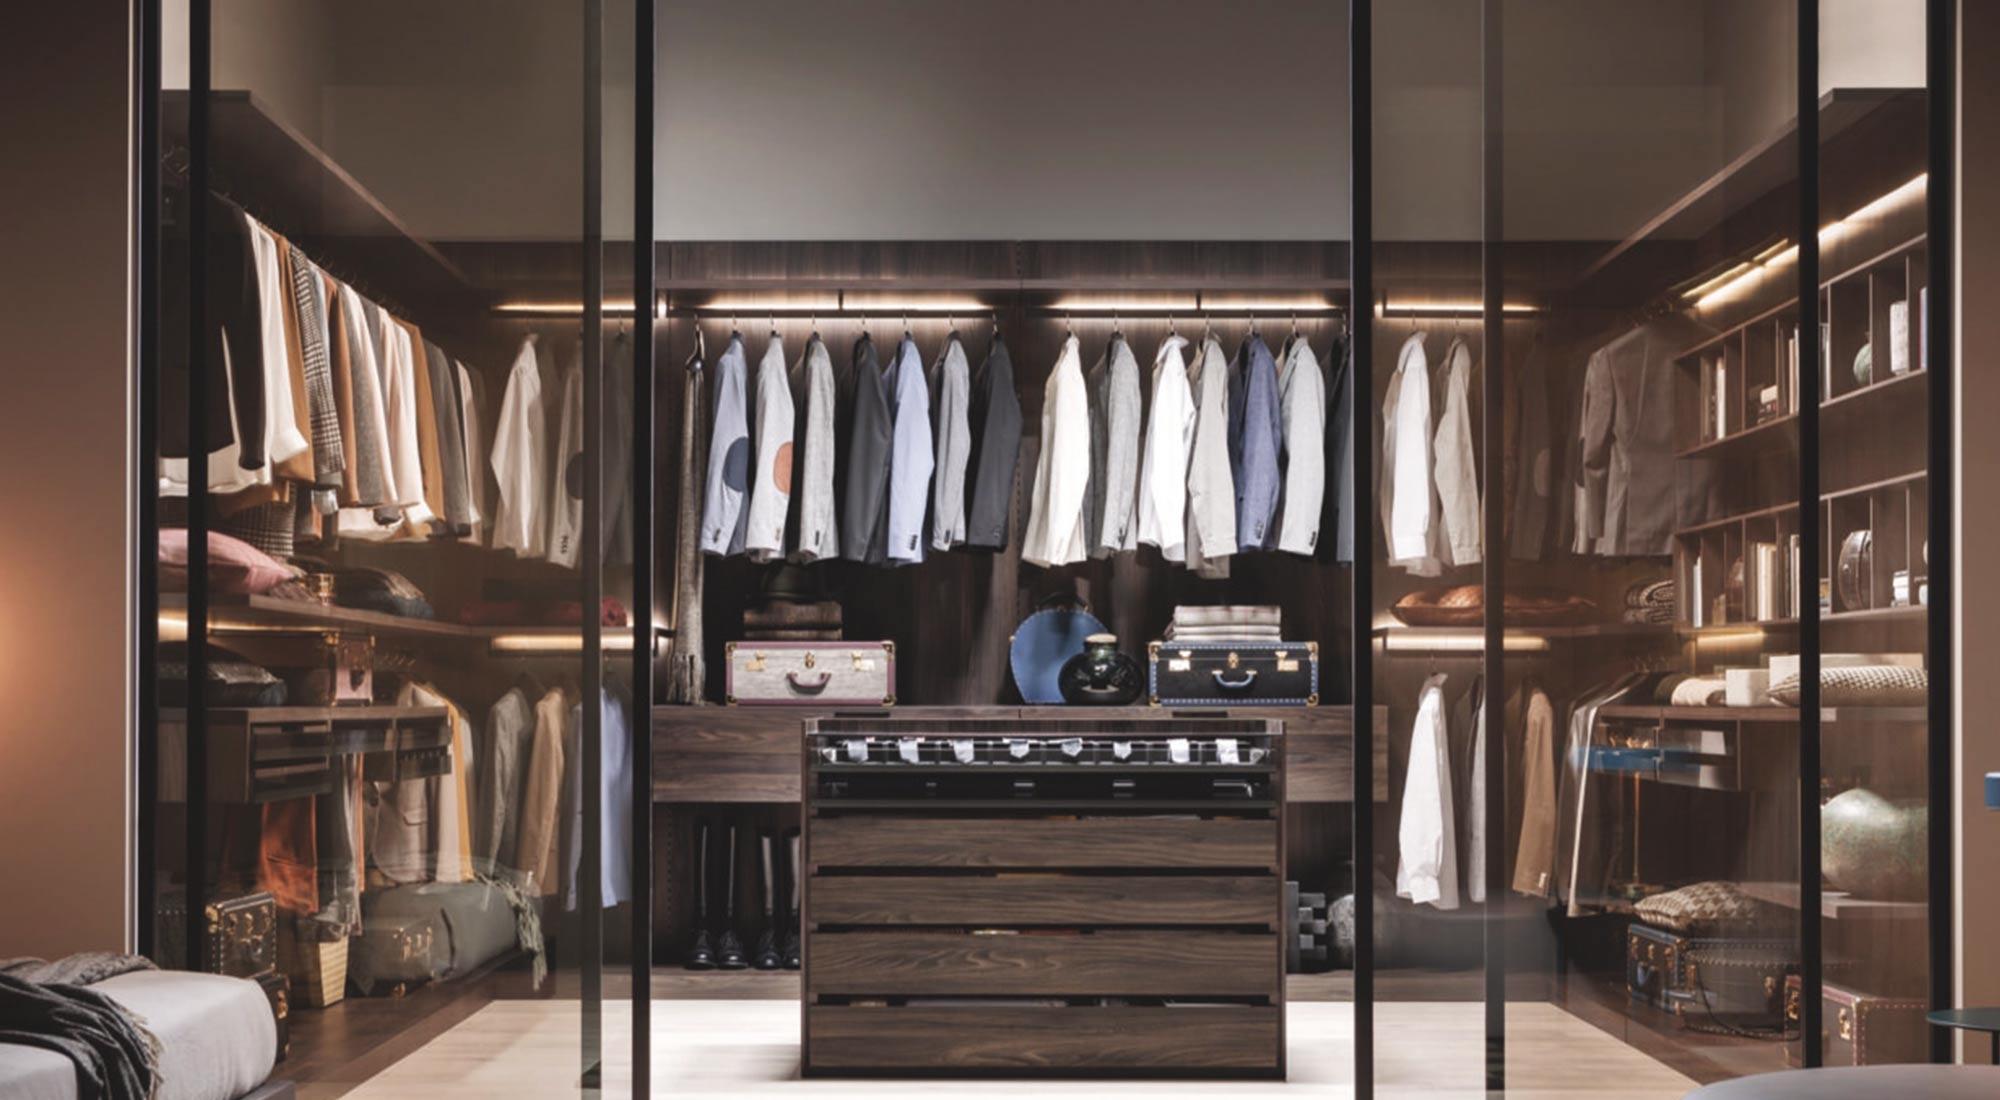 Walk-in wardrobe design by Hubble